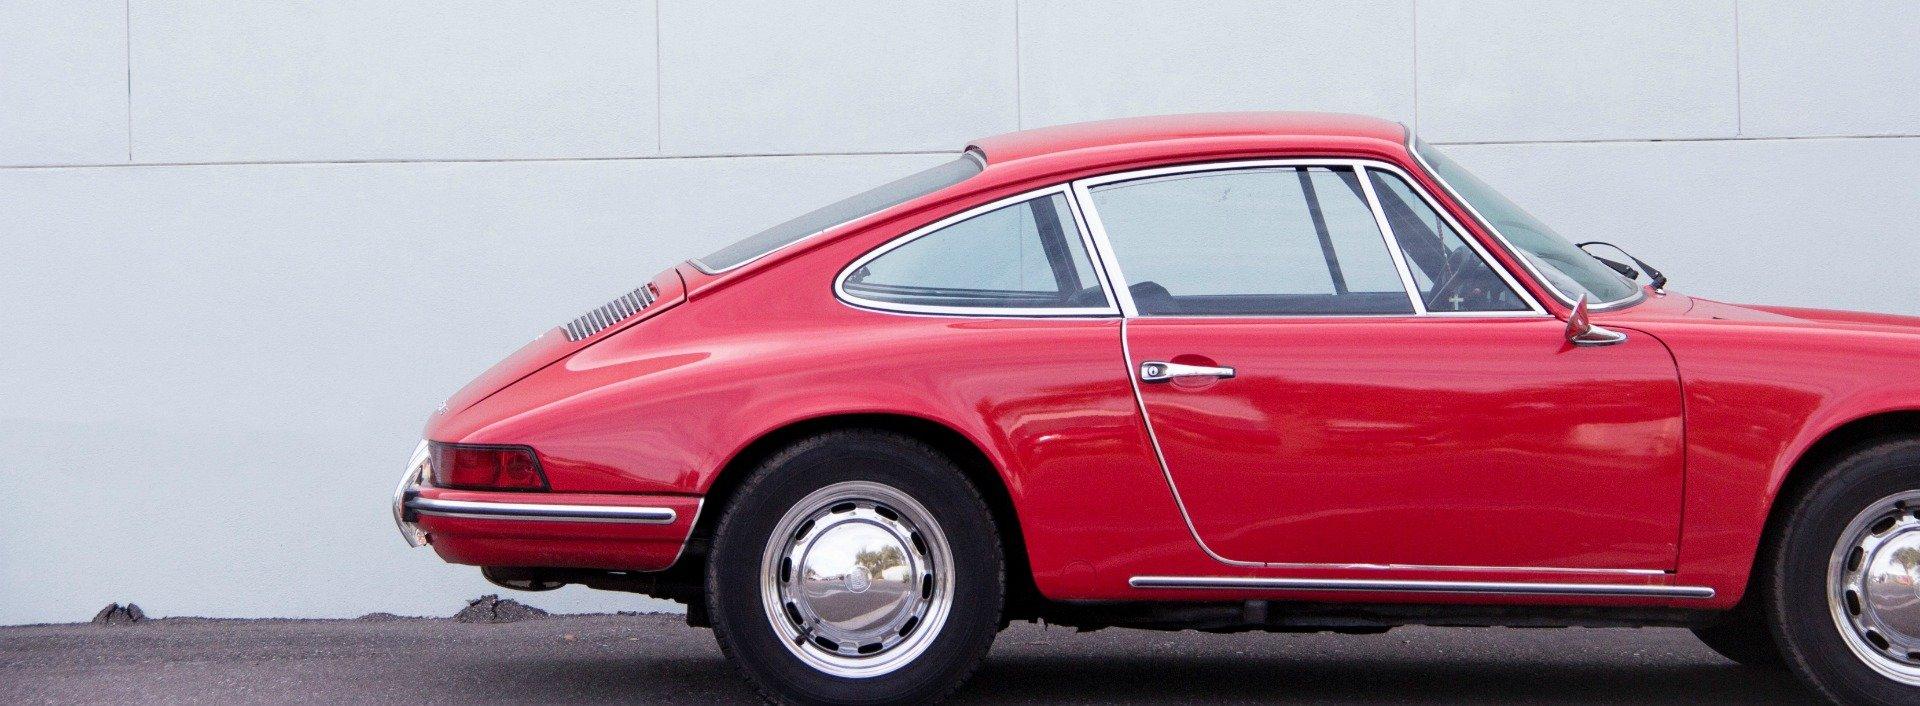 Englische Reihenfolge der Adjektive: ein kleiner, roter Sportwagen.